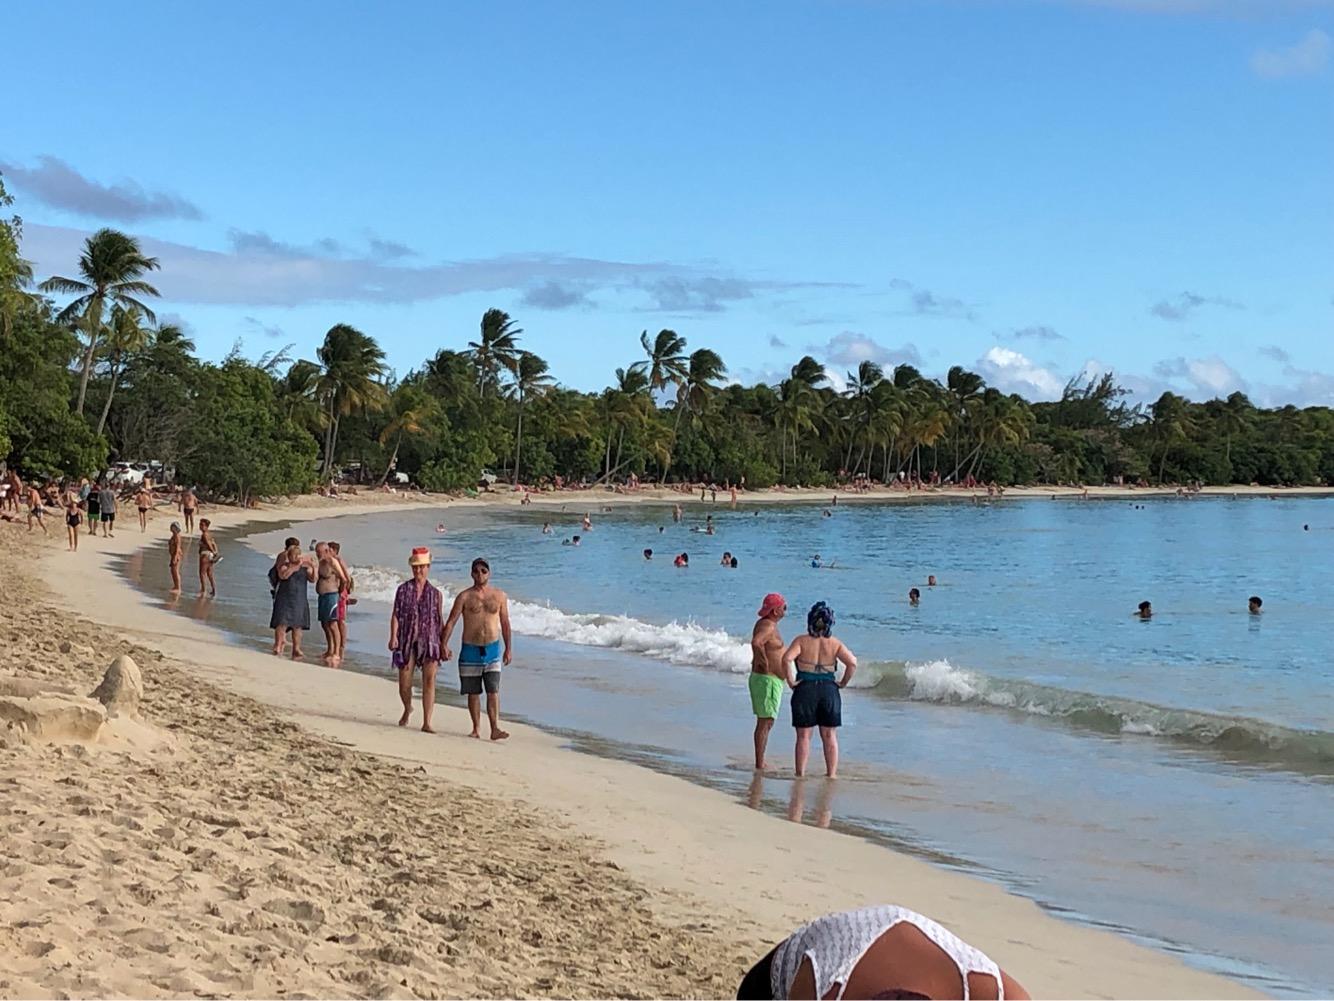 La plage des Salines : la plus fréquentée de l'île